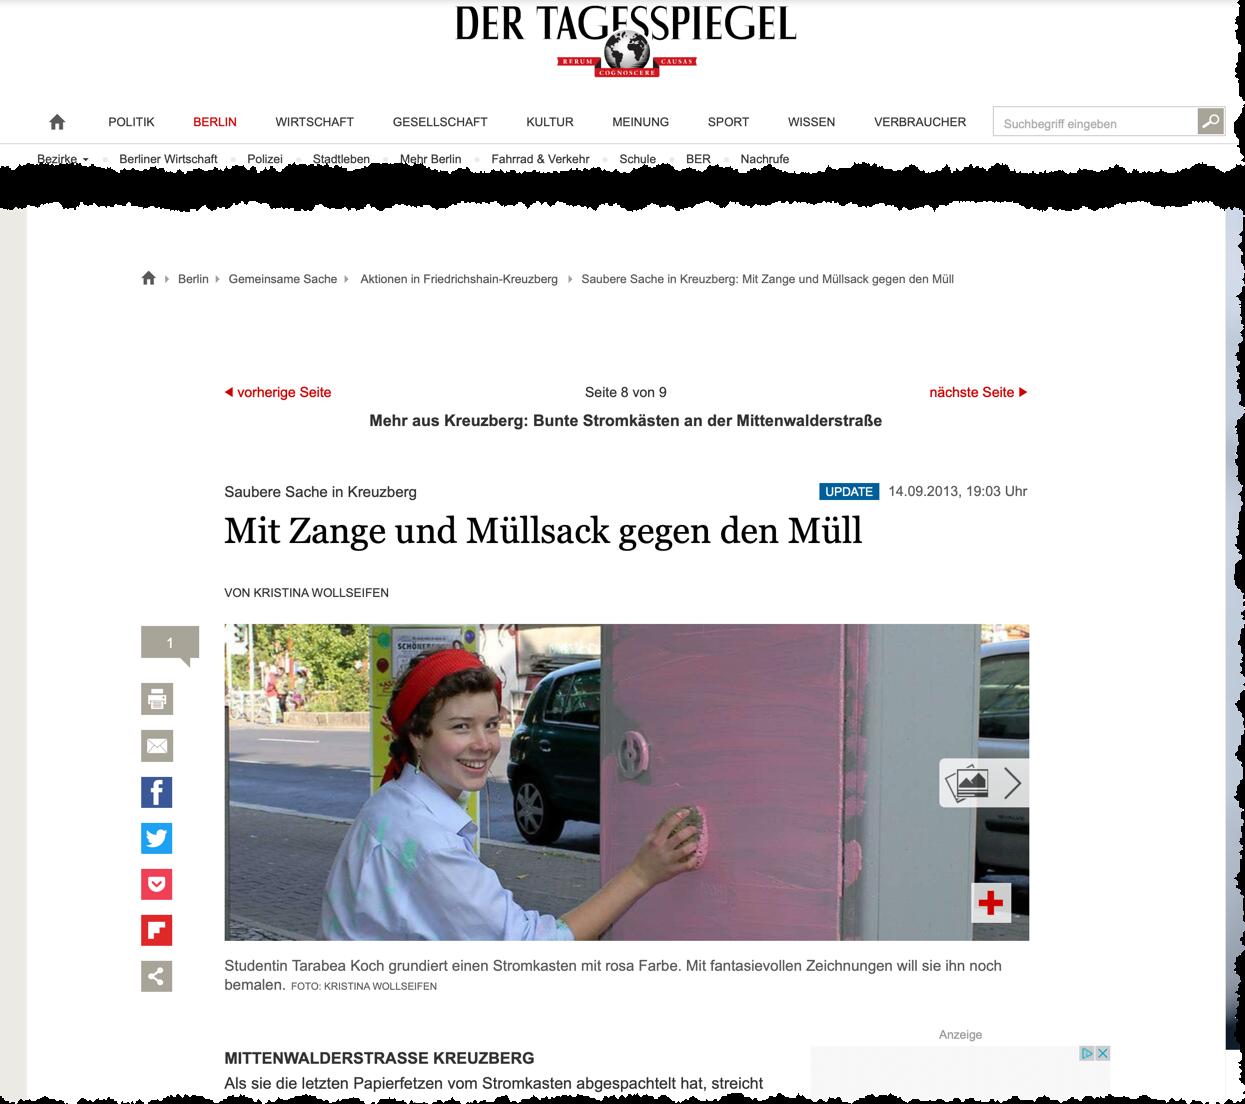 Das Bild zeigt einen Screenshot der Website des Berliner Tagesspiegel. Zu sehen ist ein Ausschnitt des Artikels über die Aktion Kästenbemalung